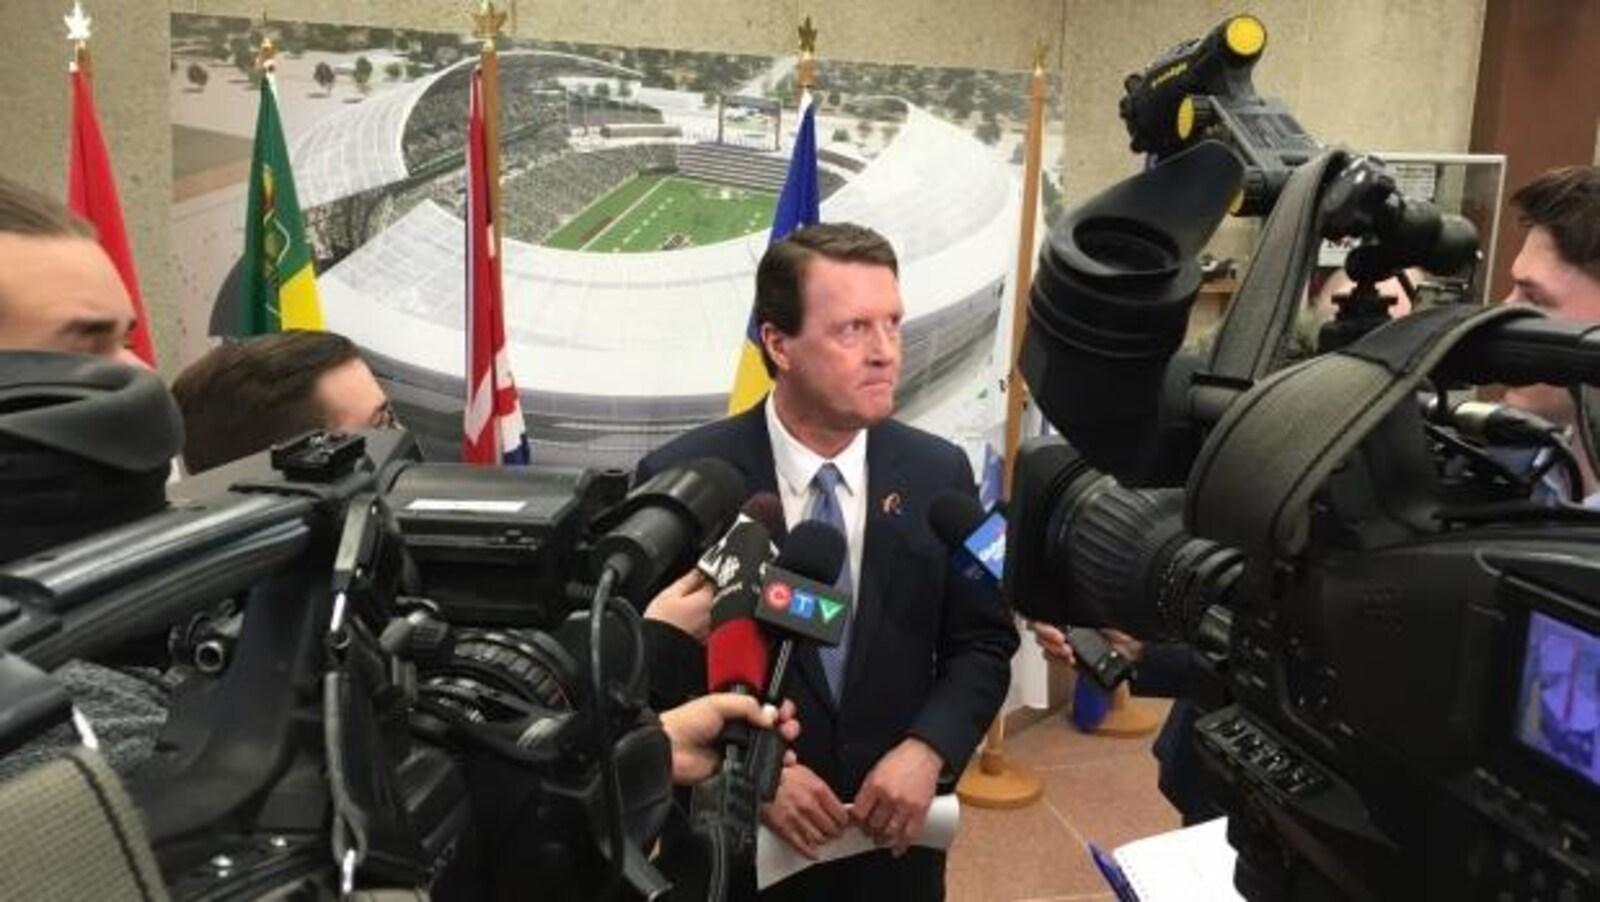 Le maire de Regina, Michael Fougere, en point de presse.